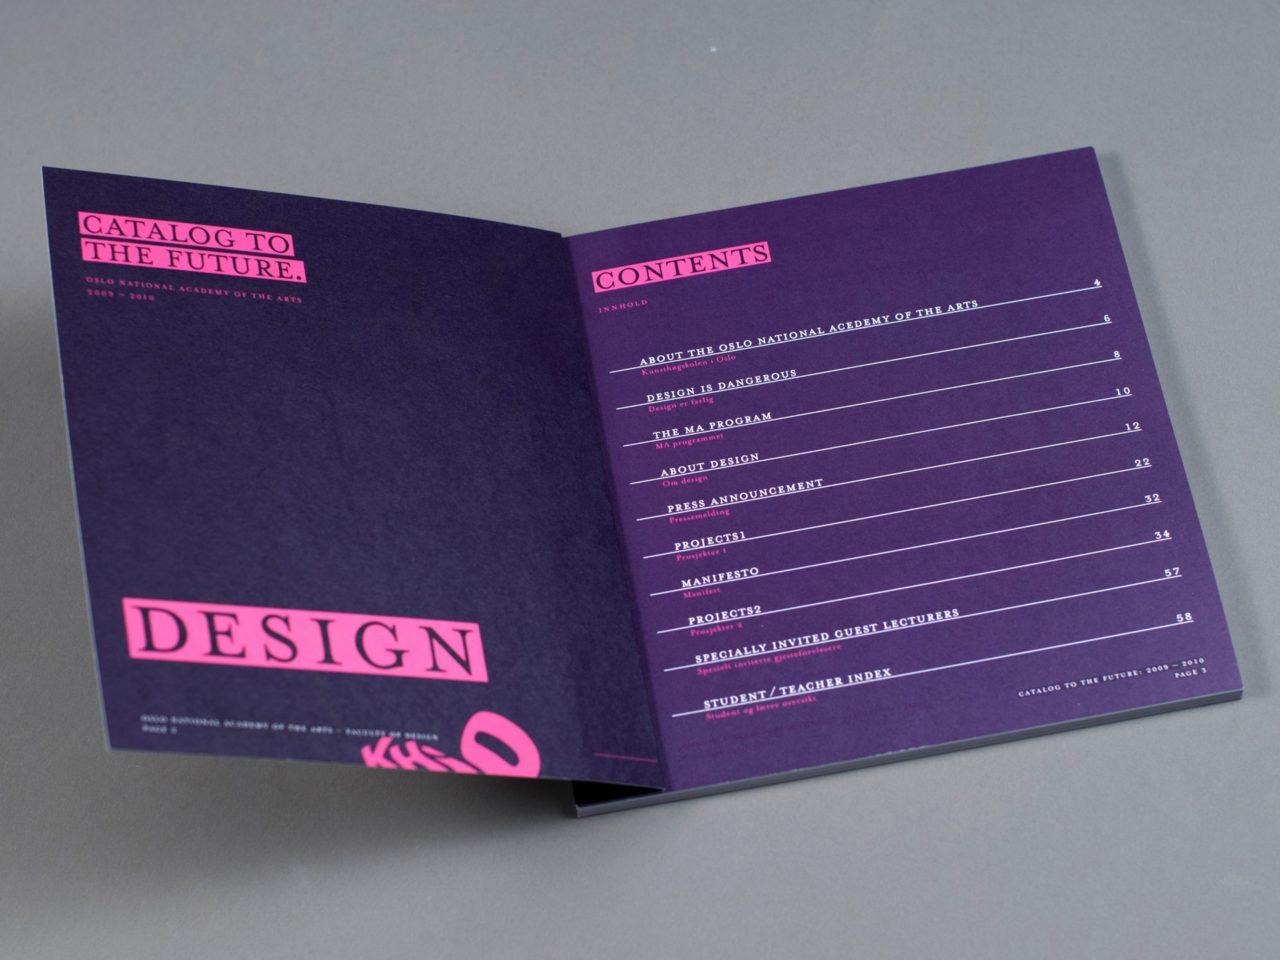 KHiO katalog innholdsfortegnelse